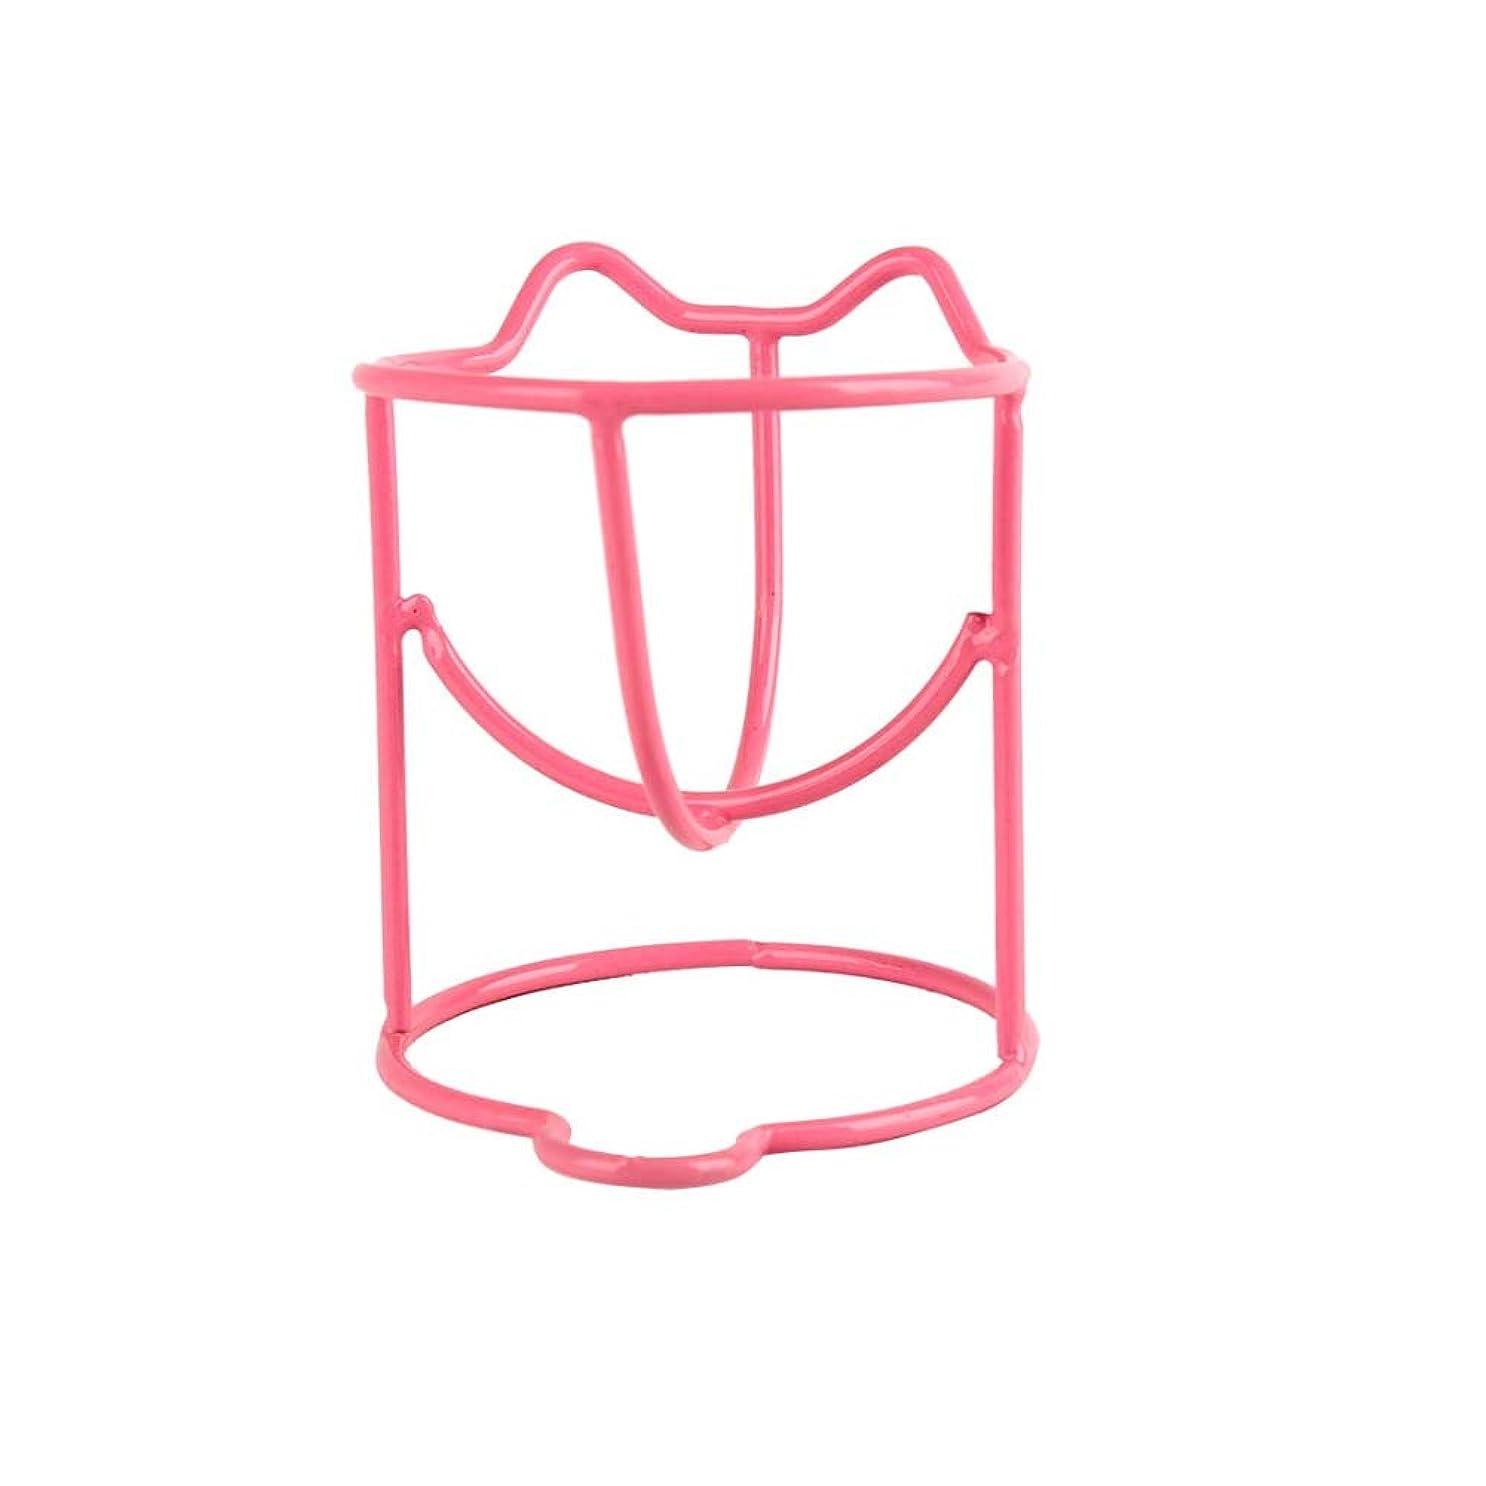 ビームタクト軽減ファッションメイク卵パウダーパフスポンジディスプレイスタンド乾燥ホルダーラックのセット